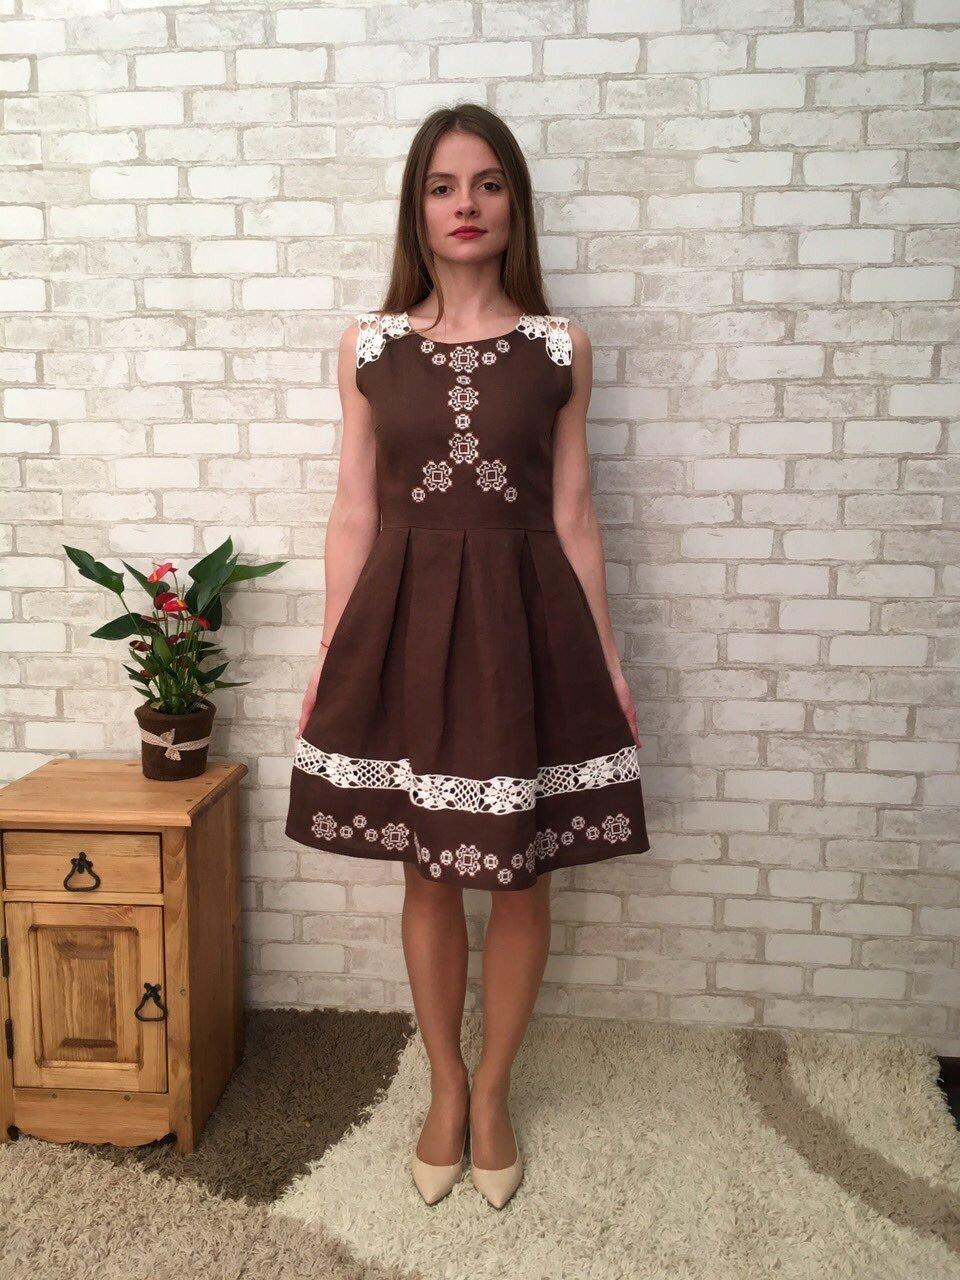 abe481e7de741fc Льняное платье: 100+ нежных образов, фасонов, моделей, новинок на фото.